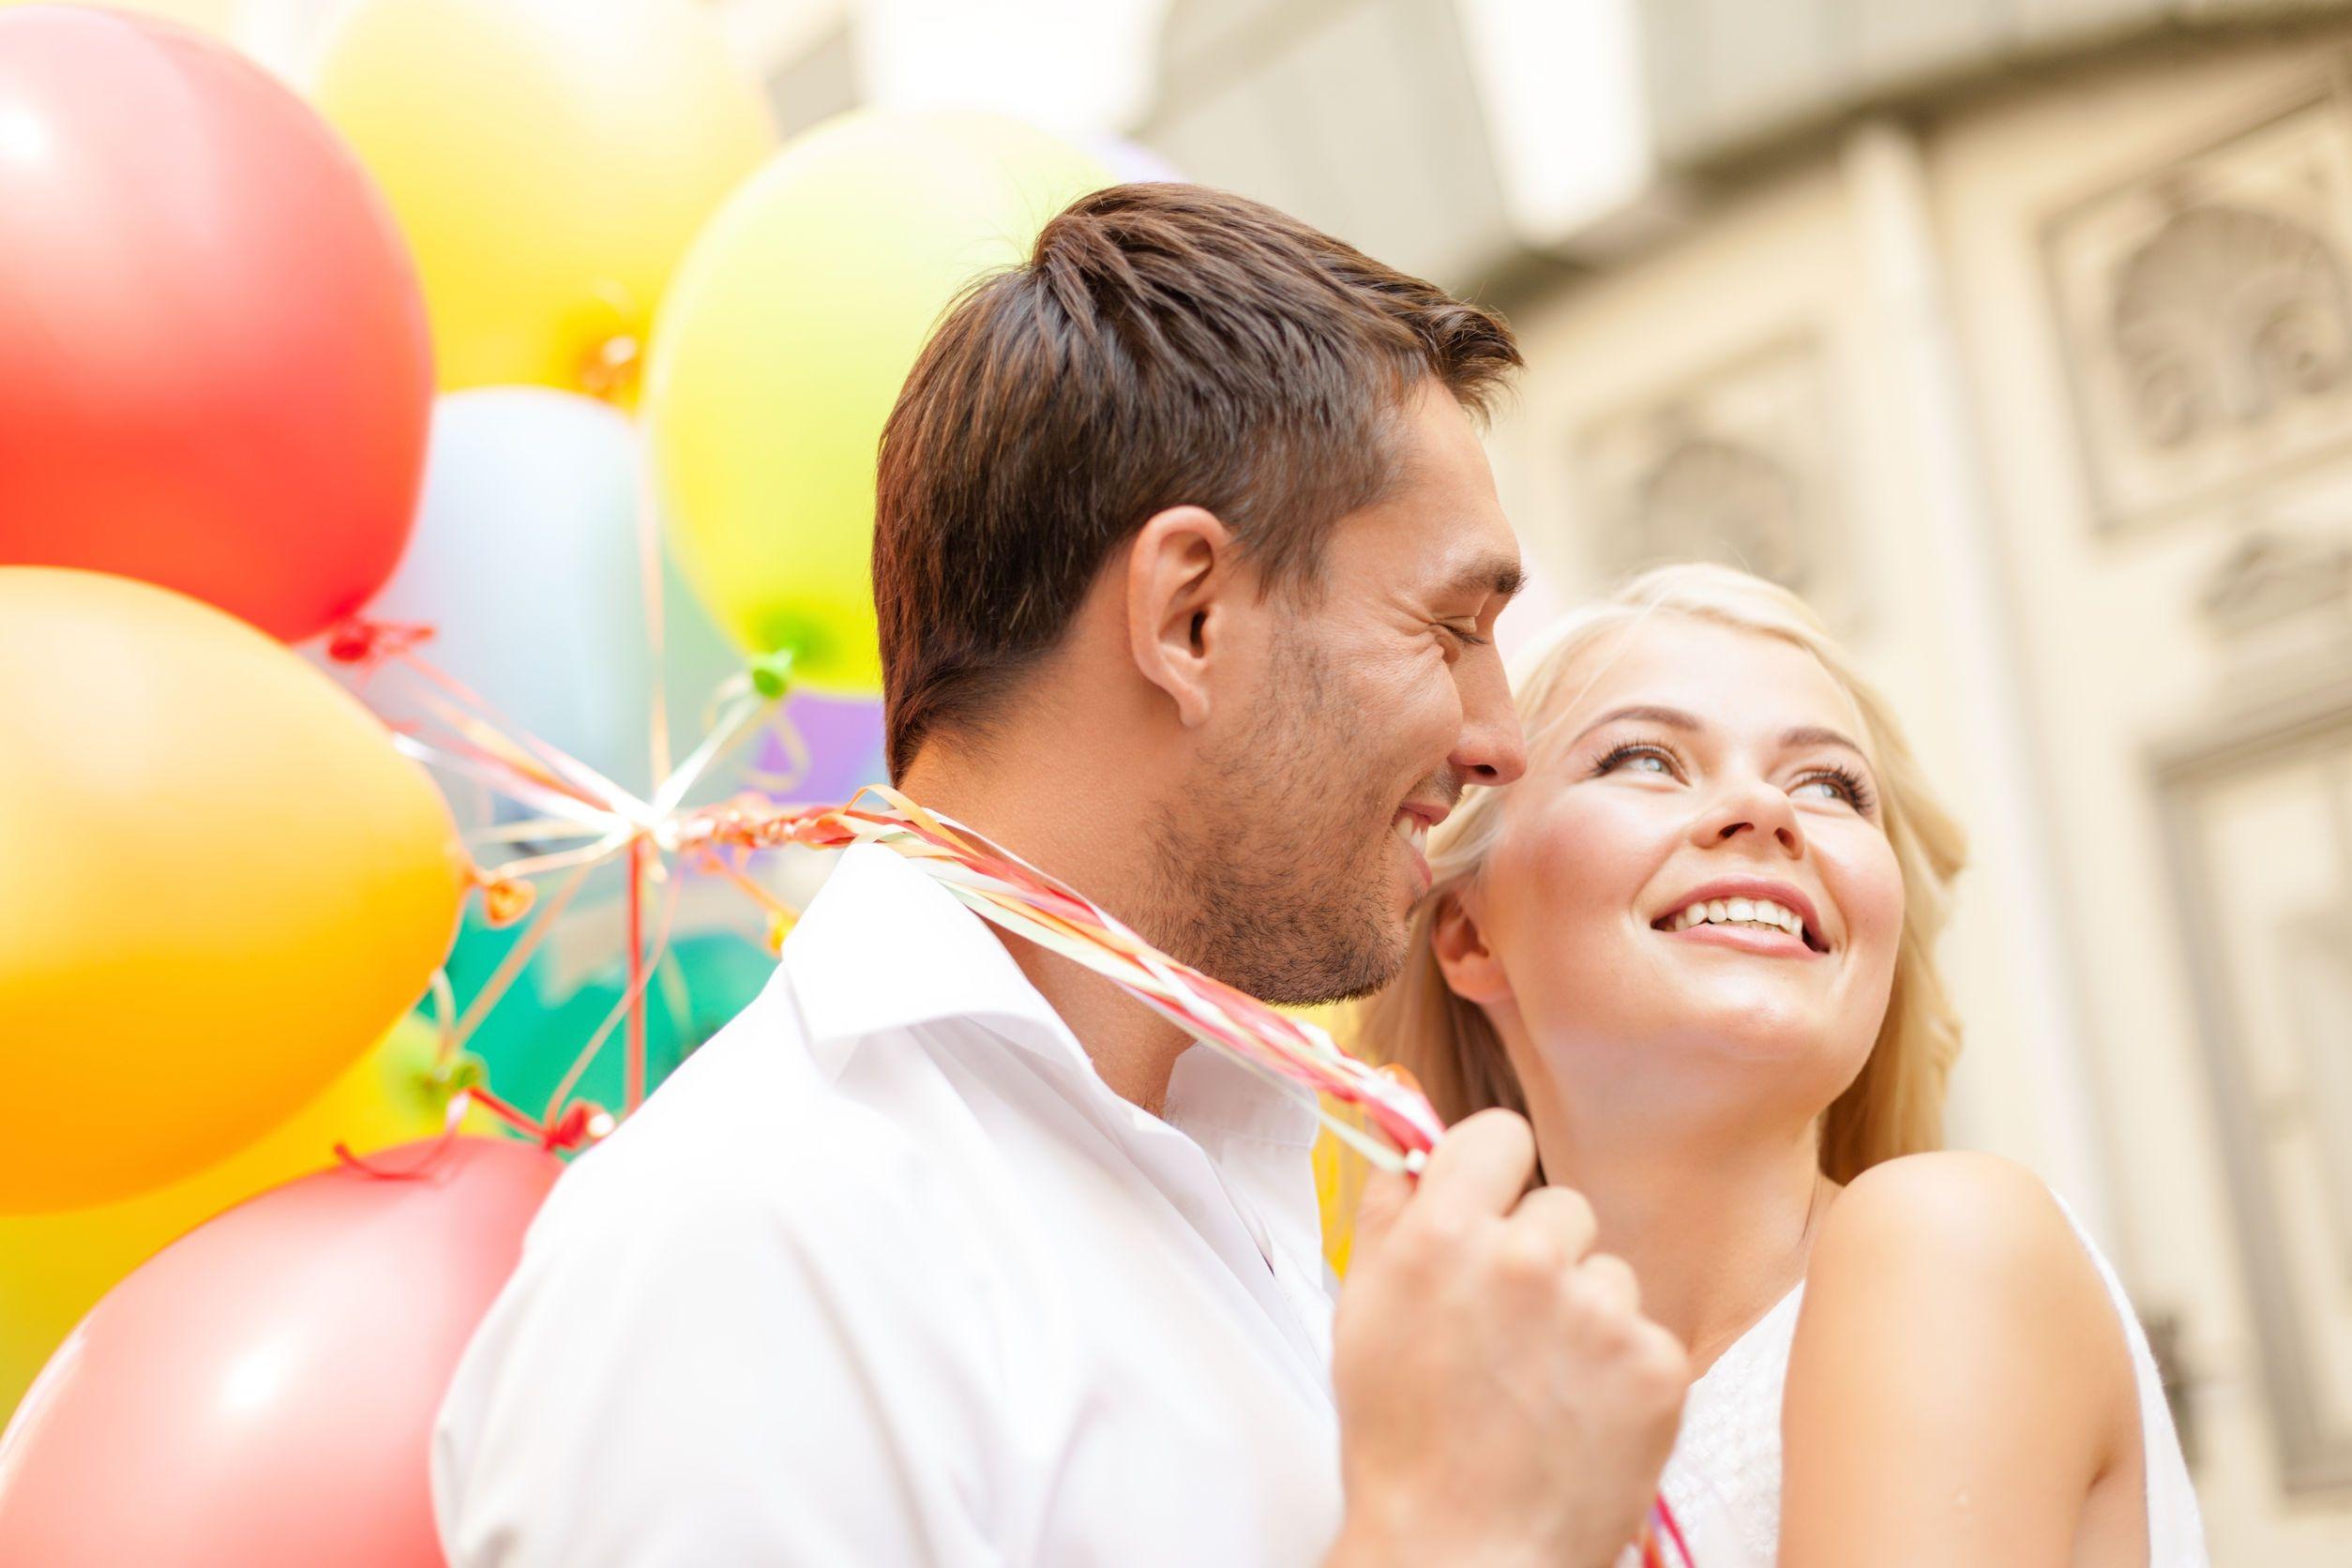 boldog ünneplő pár színes lufikkal